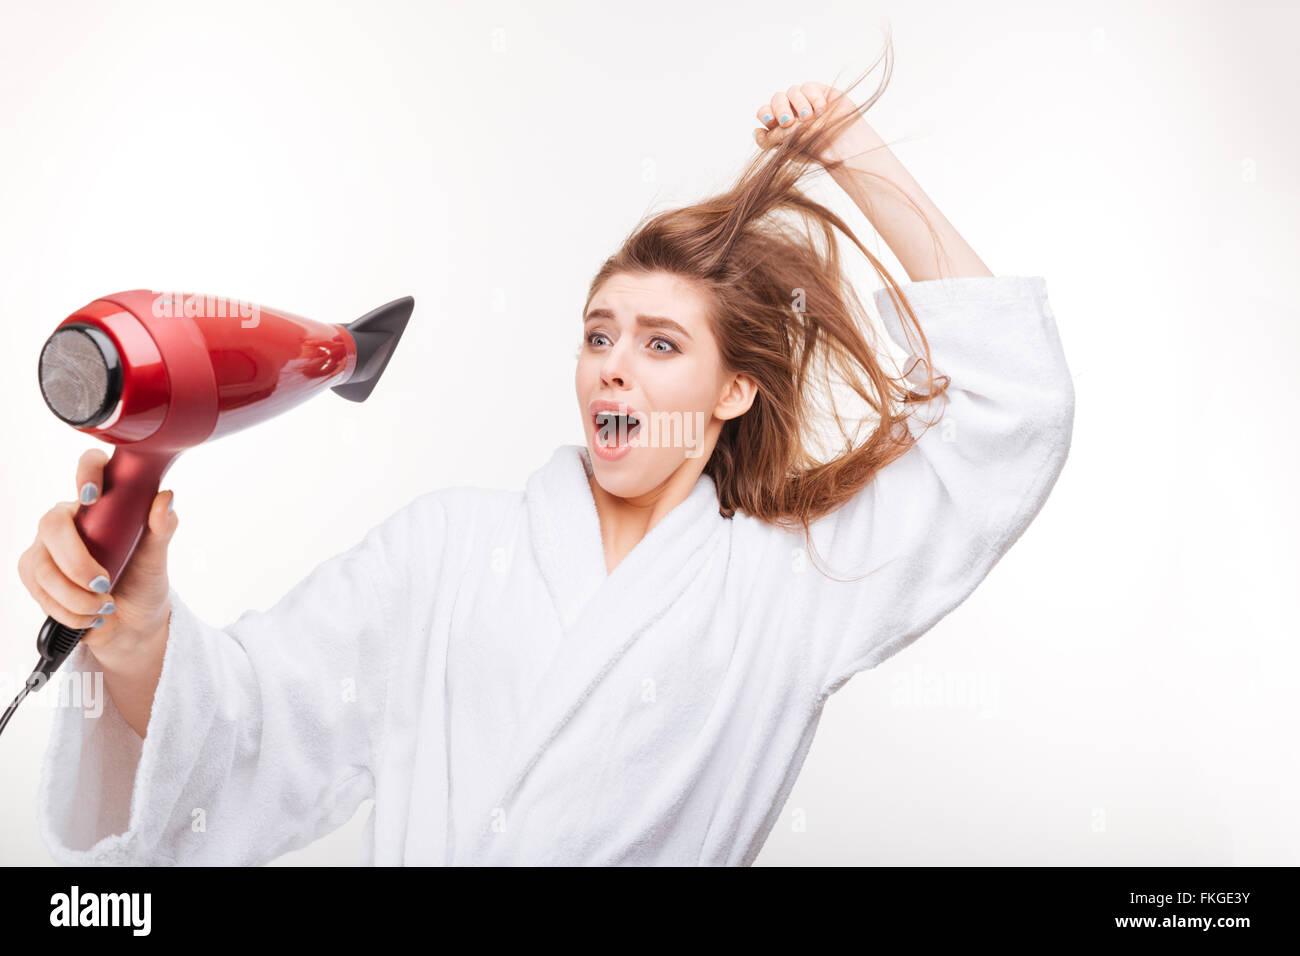 Gracioso asustado joven en albornoz secar su cabello y asustada de pelo sobre fondo blanco. Imagen De Stock